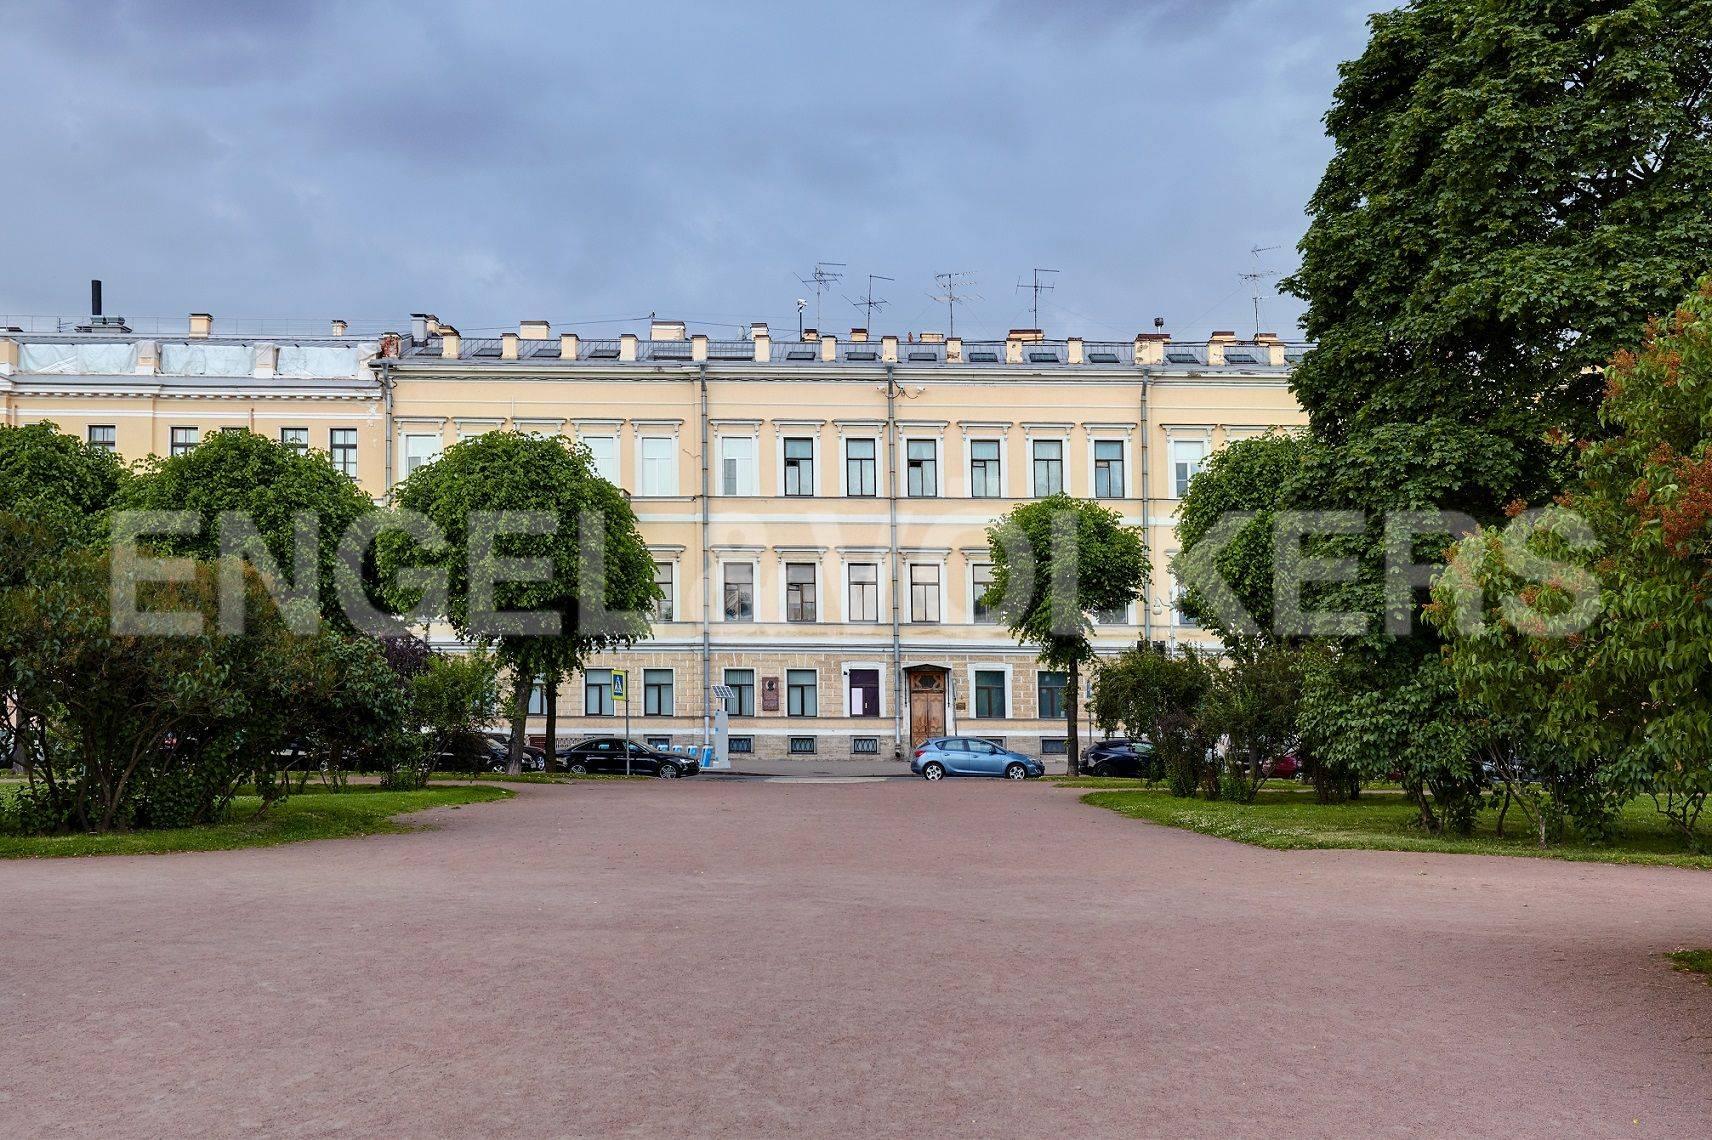 Элитные квартиры в Центральном районе. Санкт-Петербург, Марсово поле, 3. Фасад дома (часть архитектурного ансамбля Марсова поля)